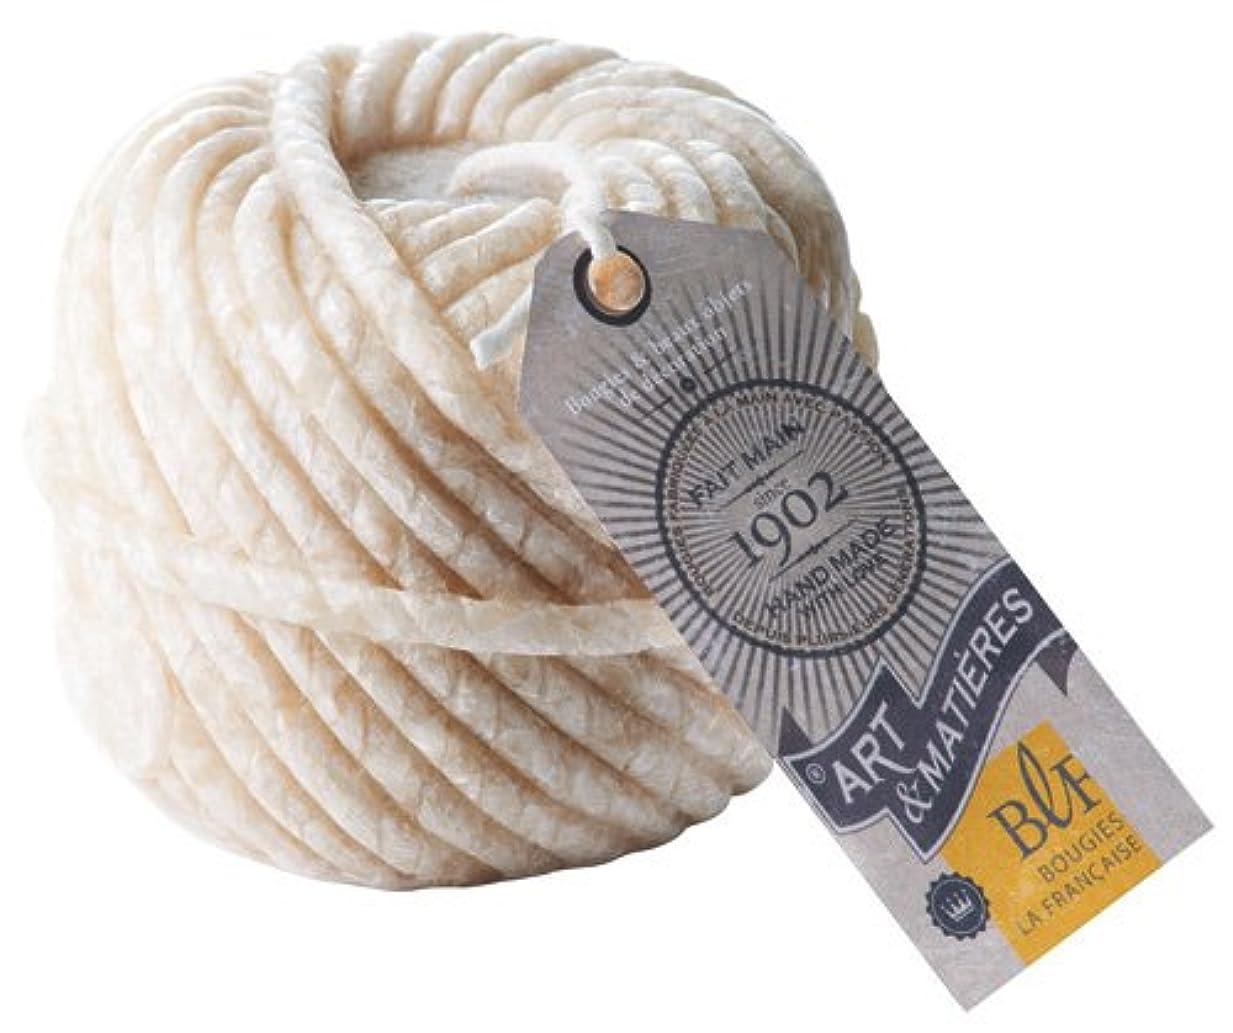 である誇張嵐が丘ブジ?ラ?フランセーズ 本物の毛糸玉のような ウールボールキャンドル ホワイト